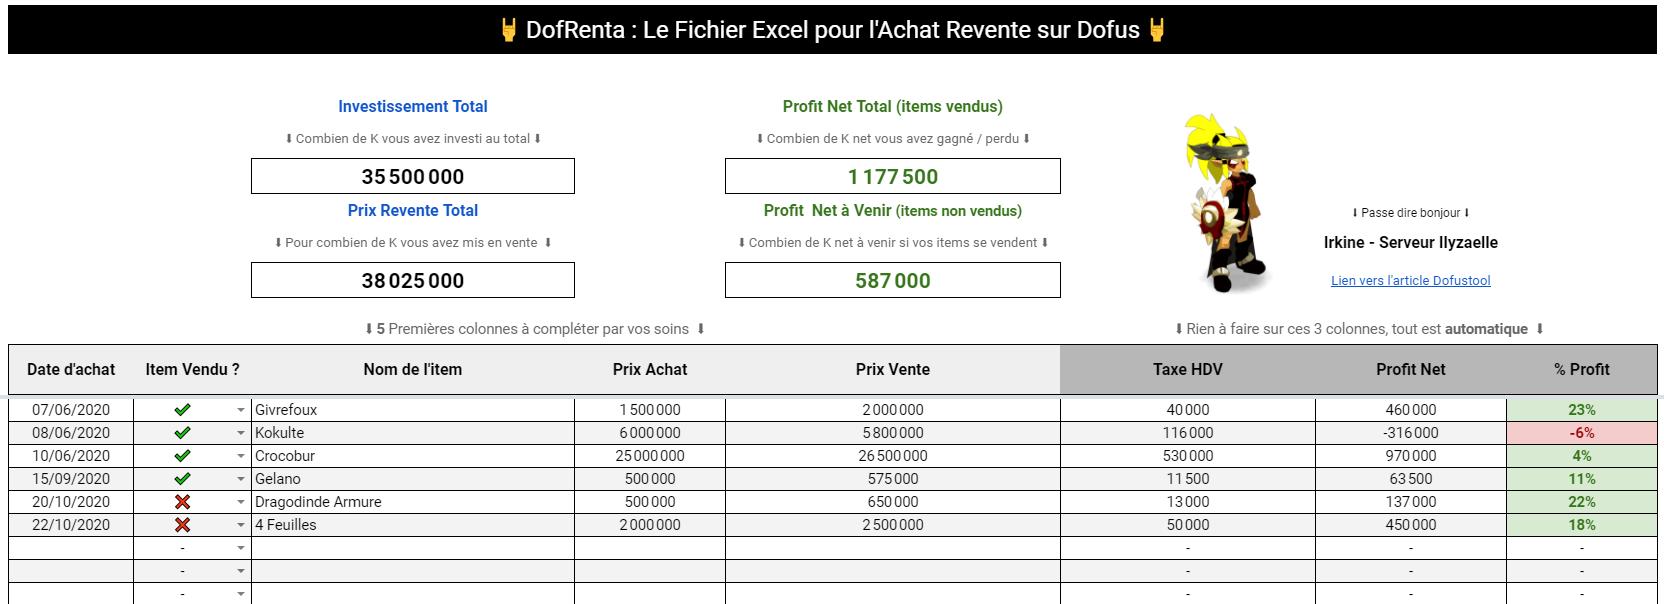 achat_revente_excel_dofus